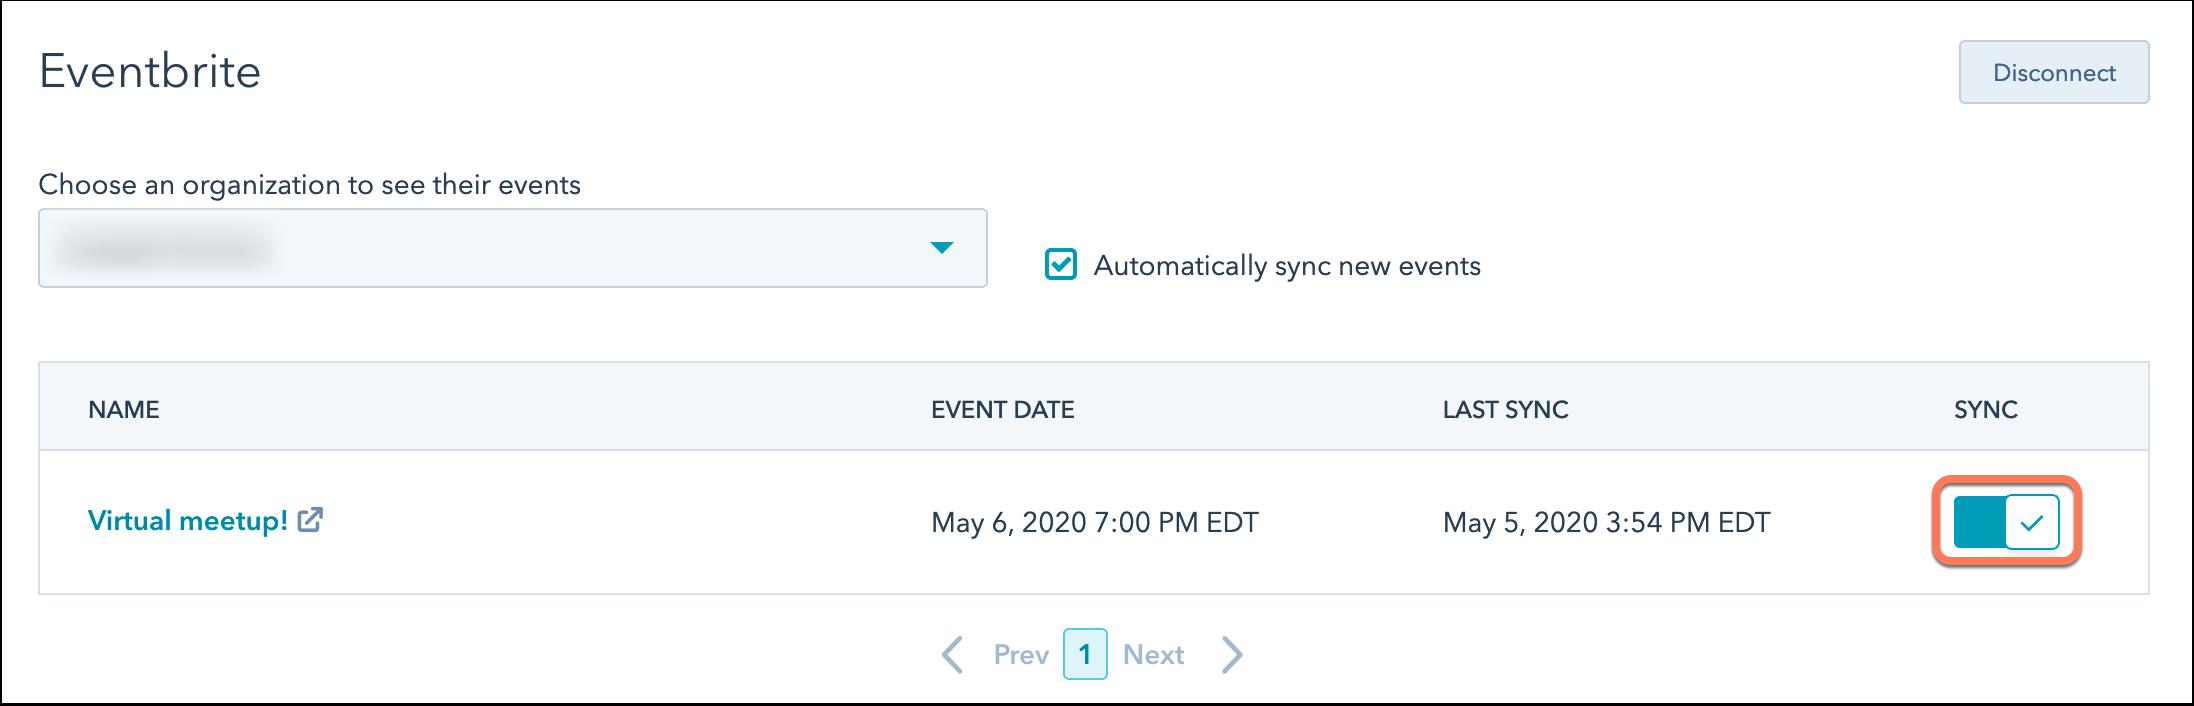 eventbrite-app-settings-1